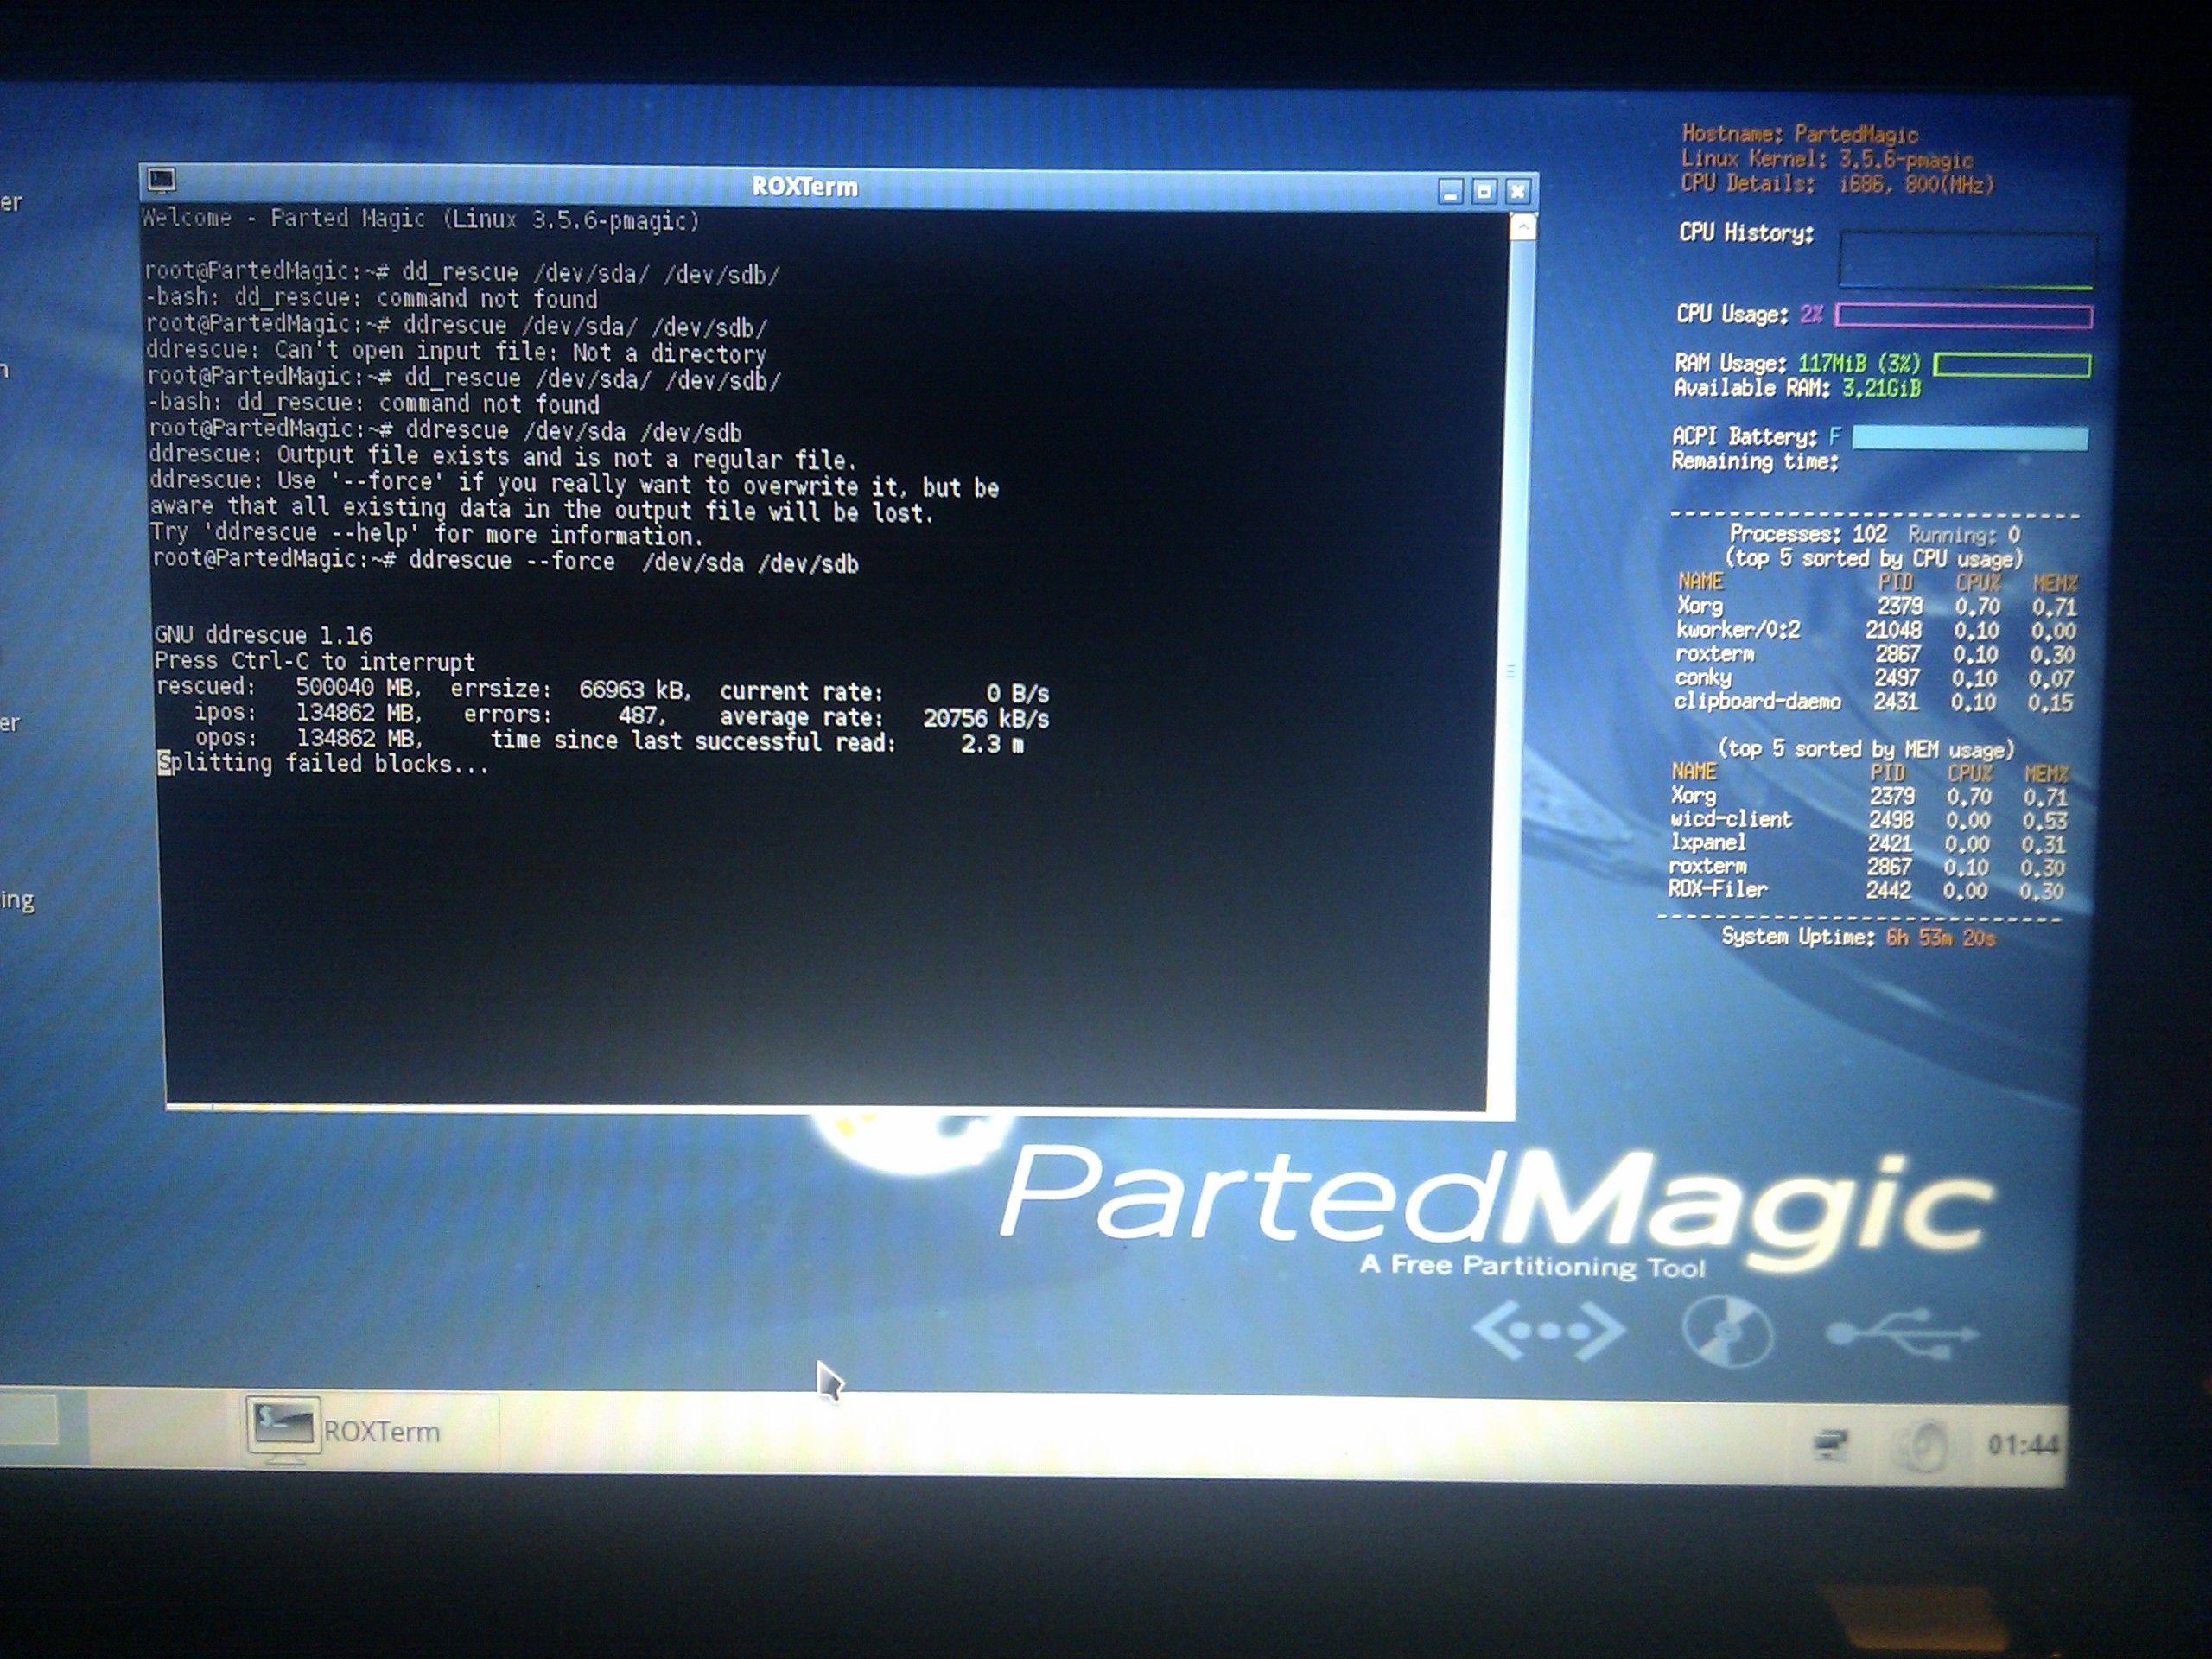 Sistema instabile, problemi di disco, Smart Hard Disk Error 301 su HP, risolto con ddrescue.